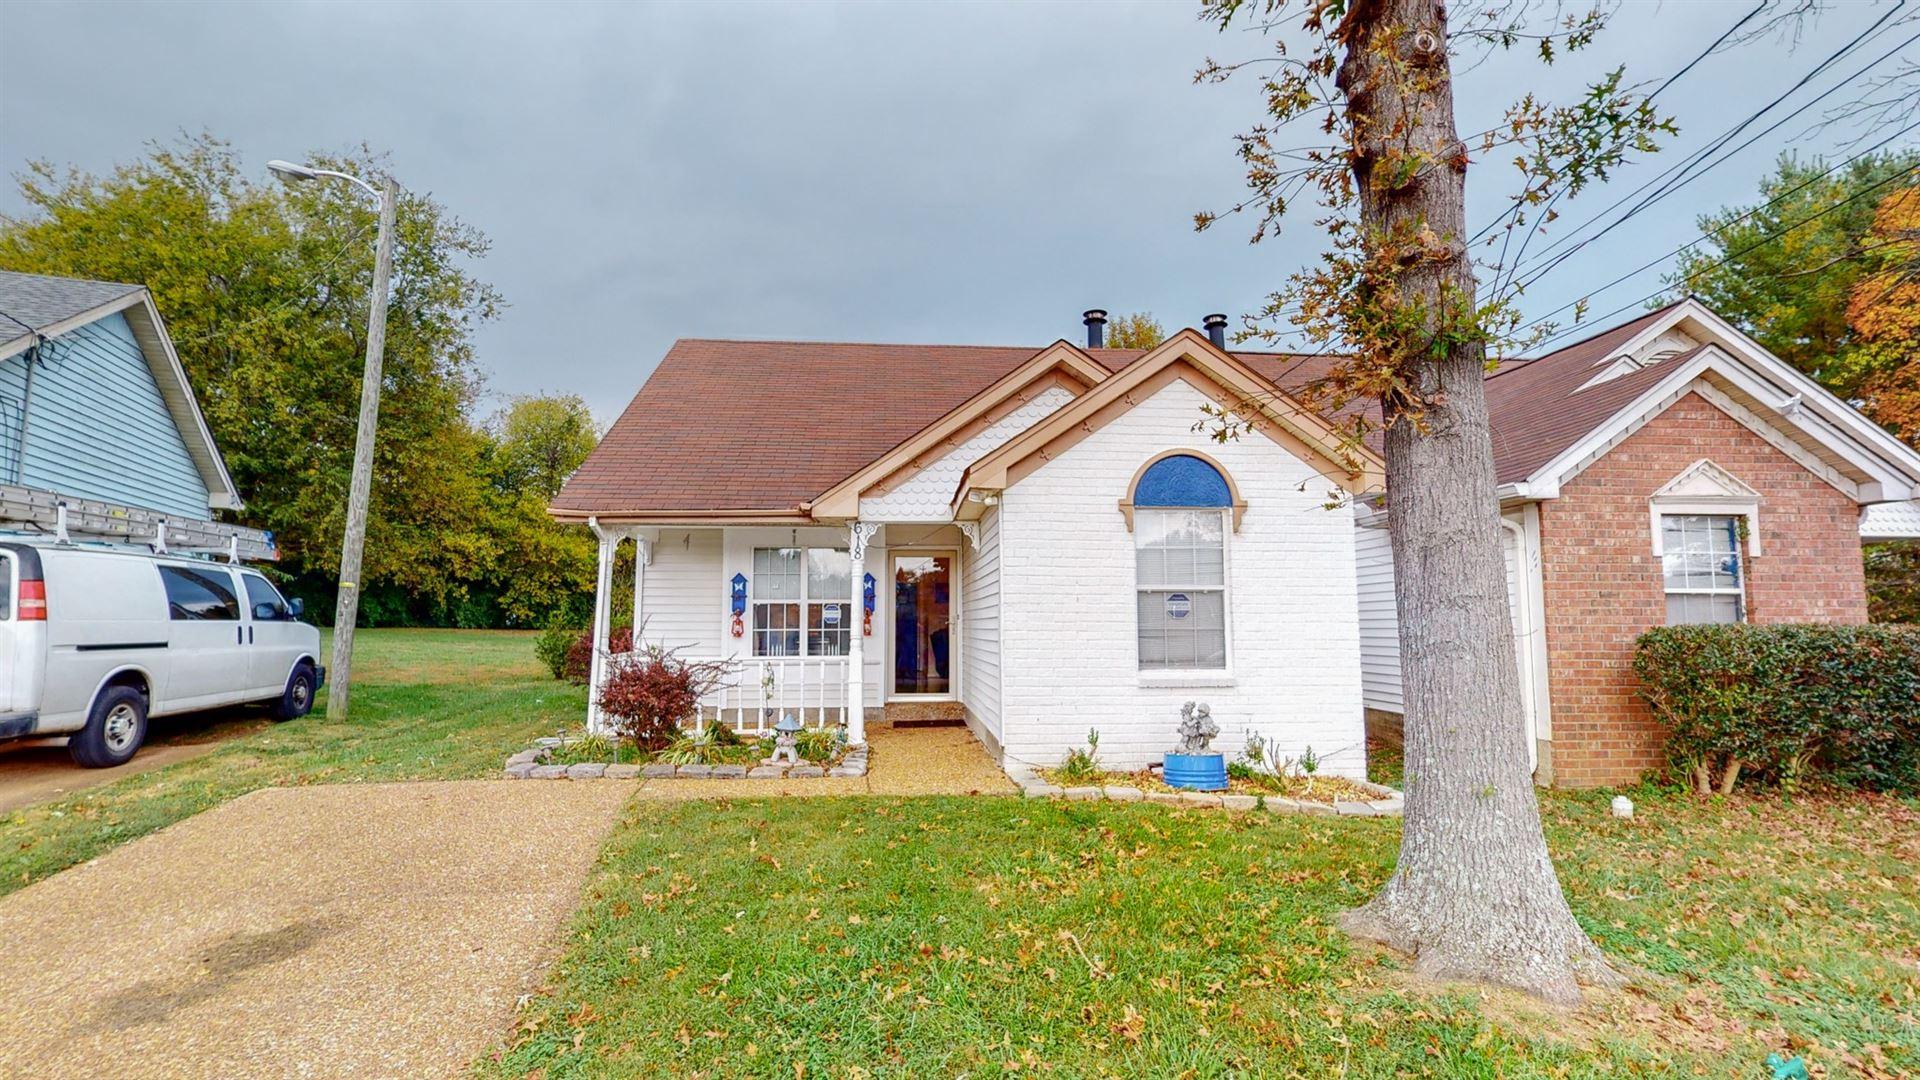 618 Brentmeadow Cir, Madison, TN 37115 - MLS#: 2199831